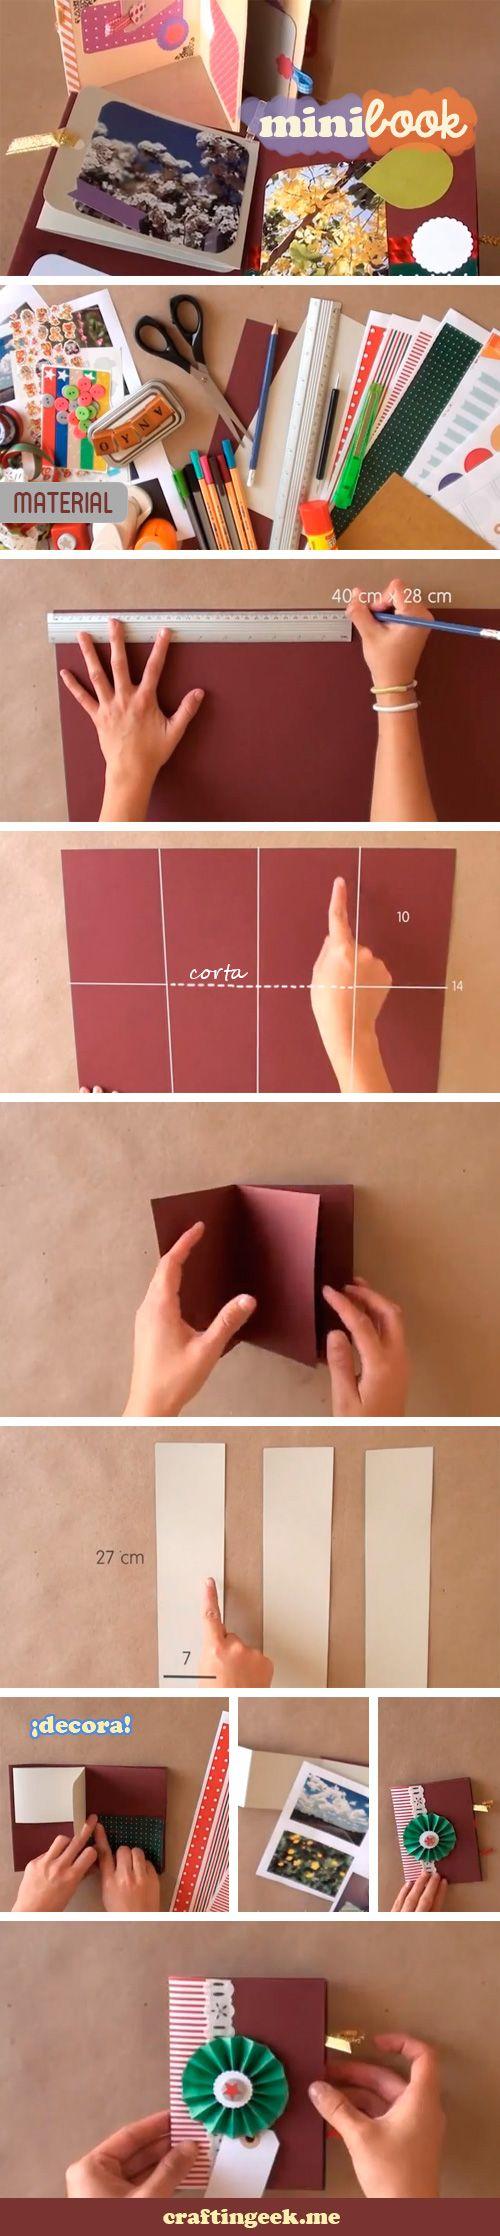 Minibook Scrapbook. Entre una carta y un álbum, este proyecto está genial pues puedes decorarlo con fotos, tags, papel decorado, listones y lo que te venga a la mente. Te enseño a hacerlo sin morir en el intento.